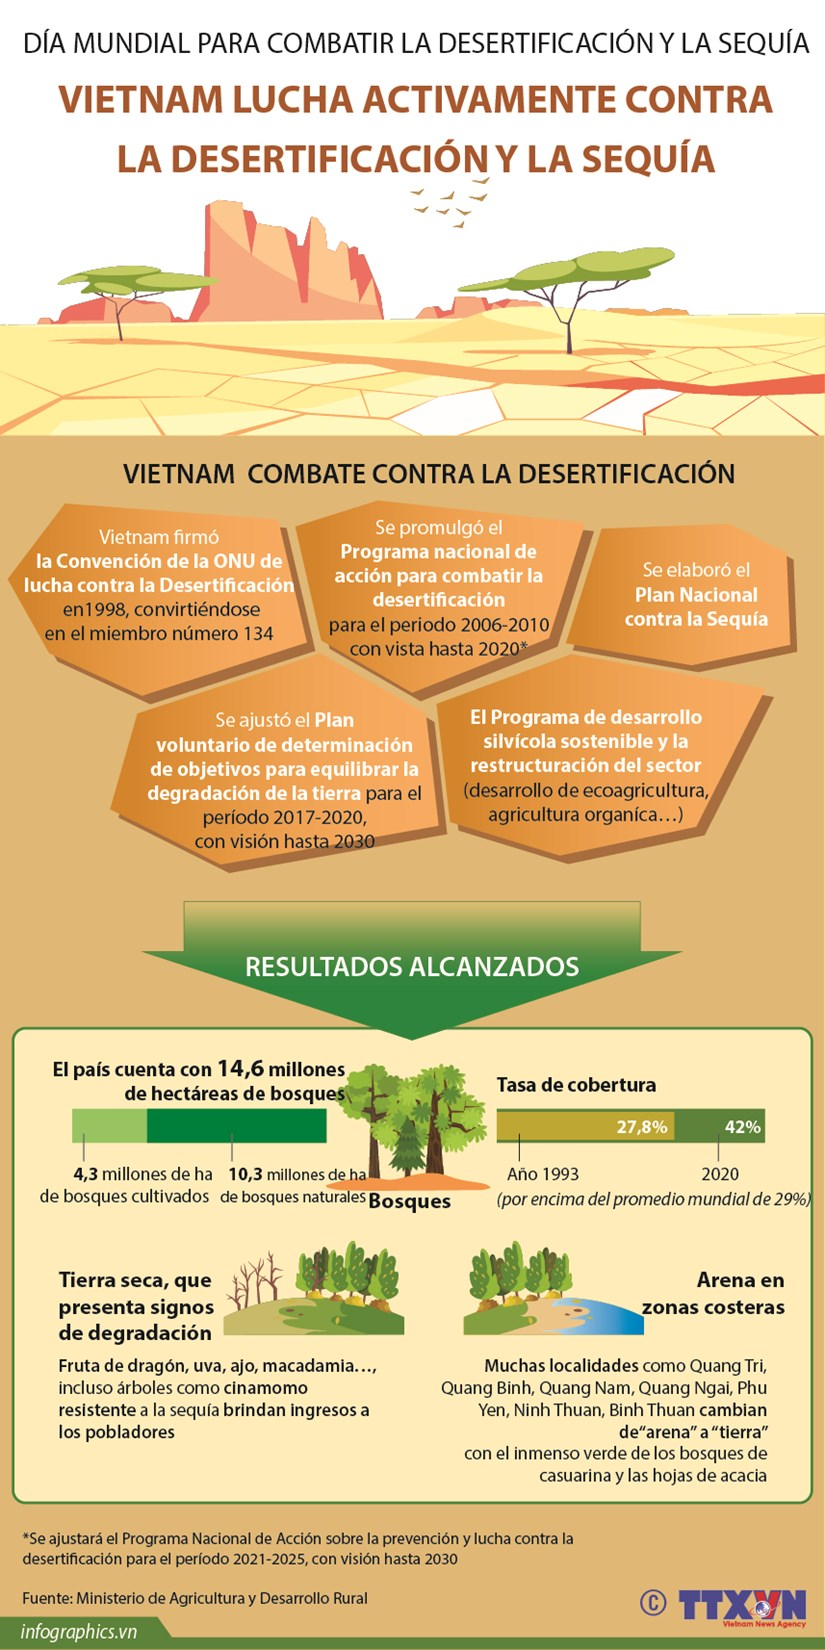 Vietnam lucha activamente contra la desertificacion y la sequia hinh anh 1